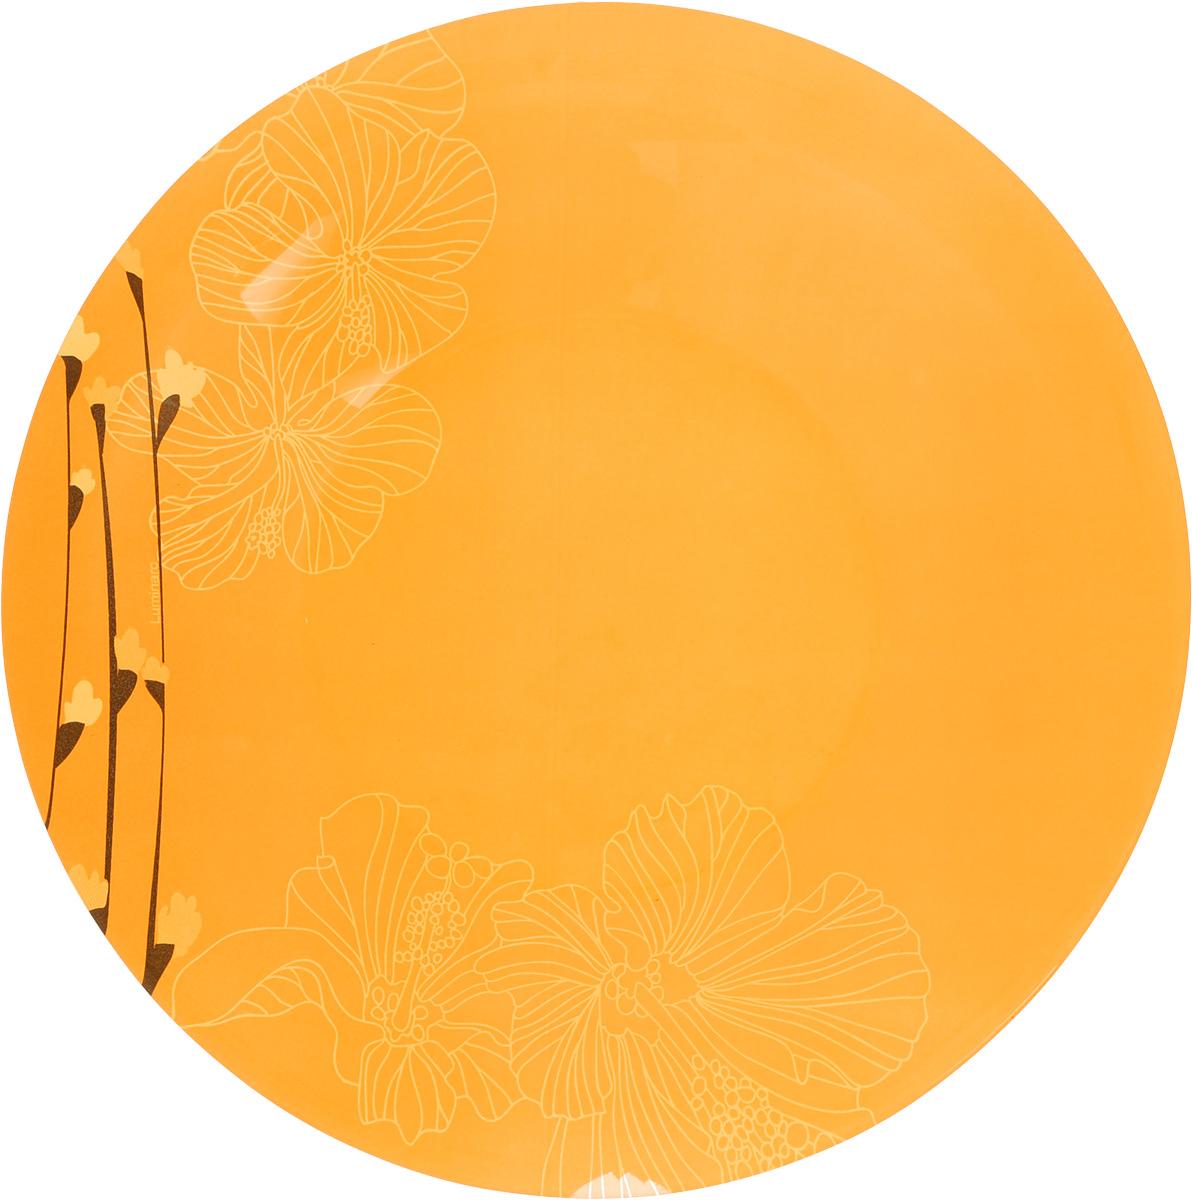 Тарелка глубокая Luminarc Rhapsody Orange, диаметр 21,2 см115510Глубокая тарелка Luminarc Rhapsody Orange, изготовленная из ударопрочного стекла, имеет изысканный внешний вид. Яркий дизайн придется по вкусу и ценителям классики, и тем, кто предпочитает утонченность. Тарелка Luminarc Rhapsody Orange идеально подойдет для сервировки различных блюд, а также станет отличным подарком к любому празднику.Диаметр тарелки (по верхнему краю): 21,2 см.